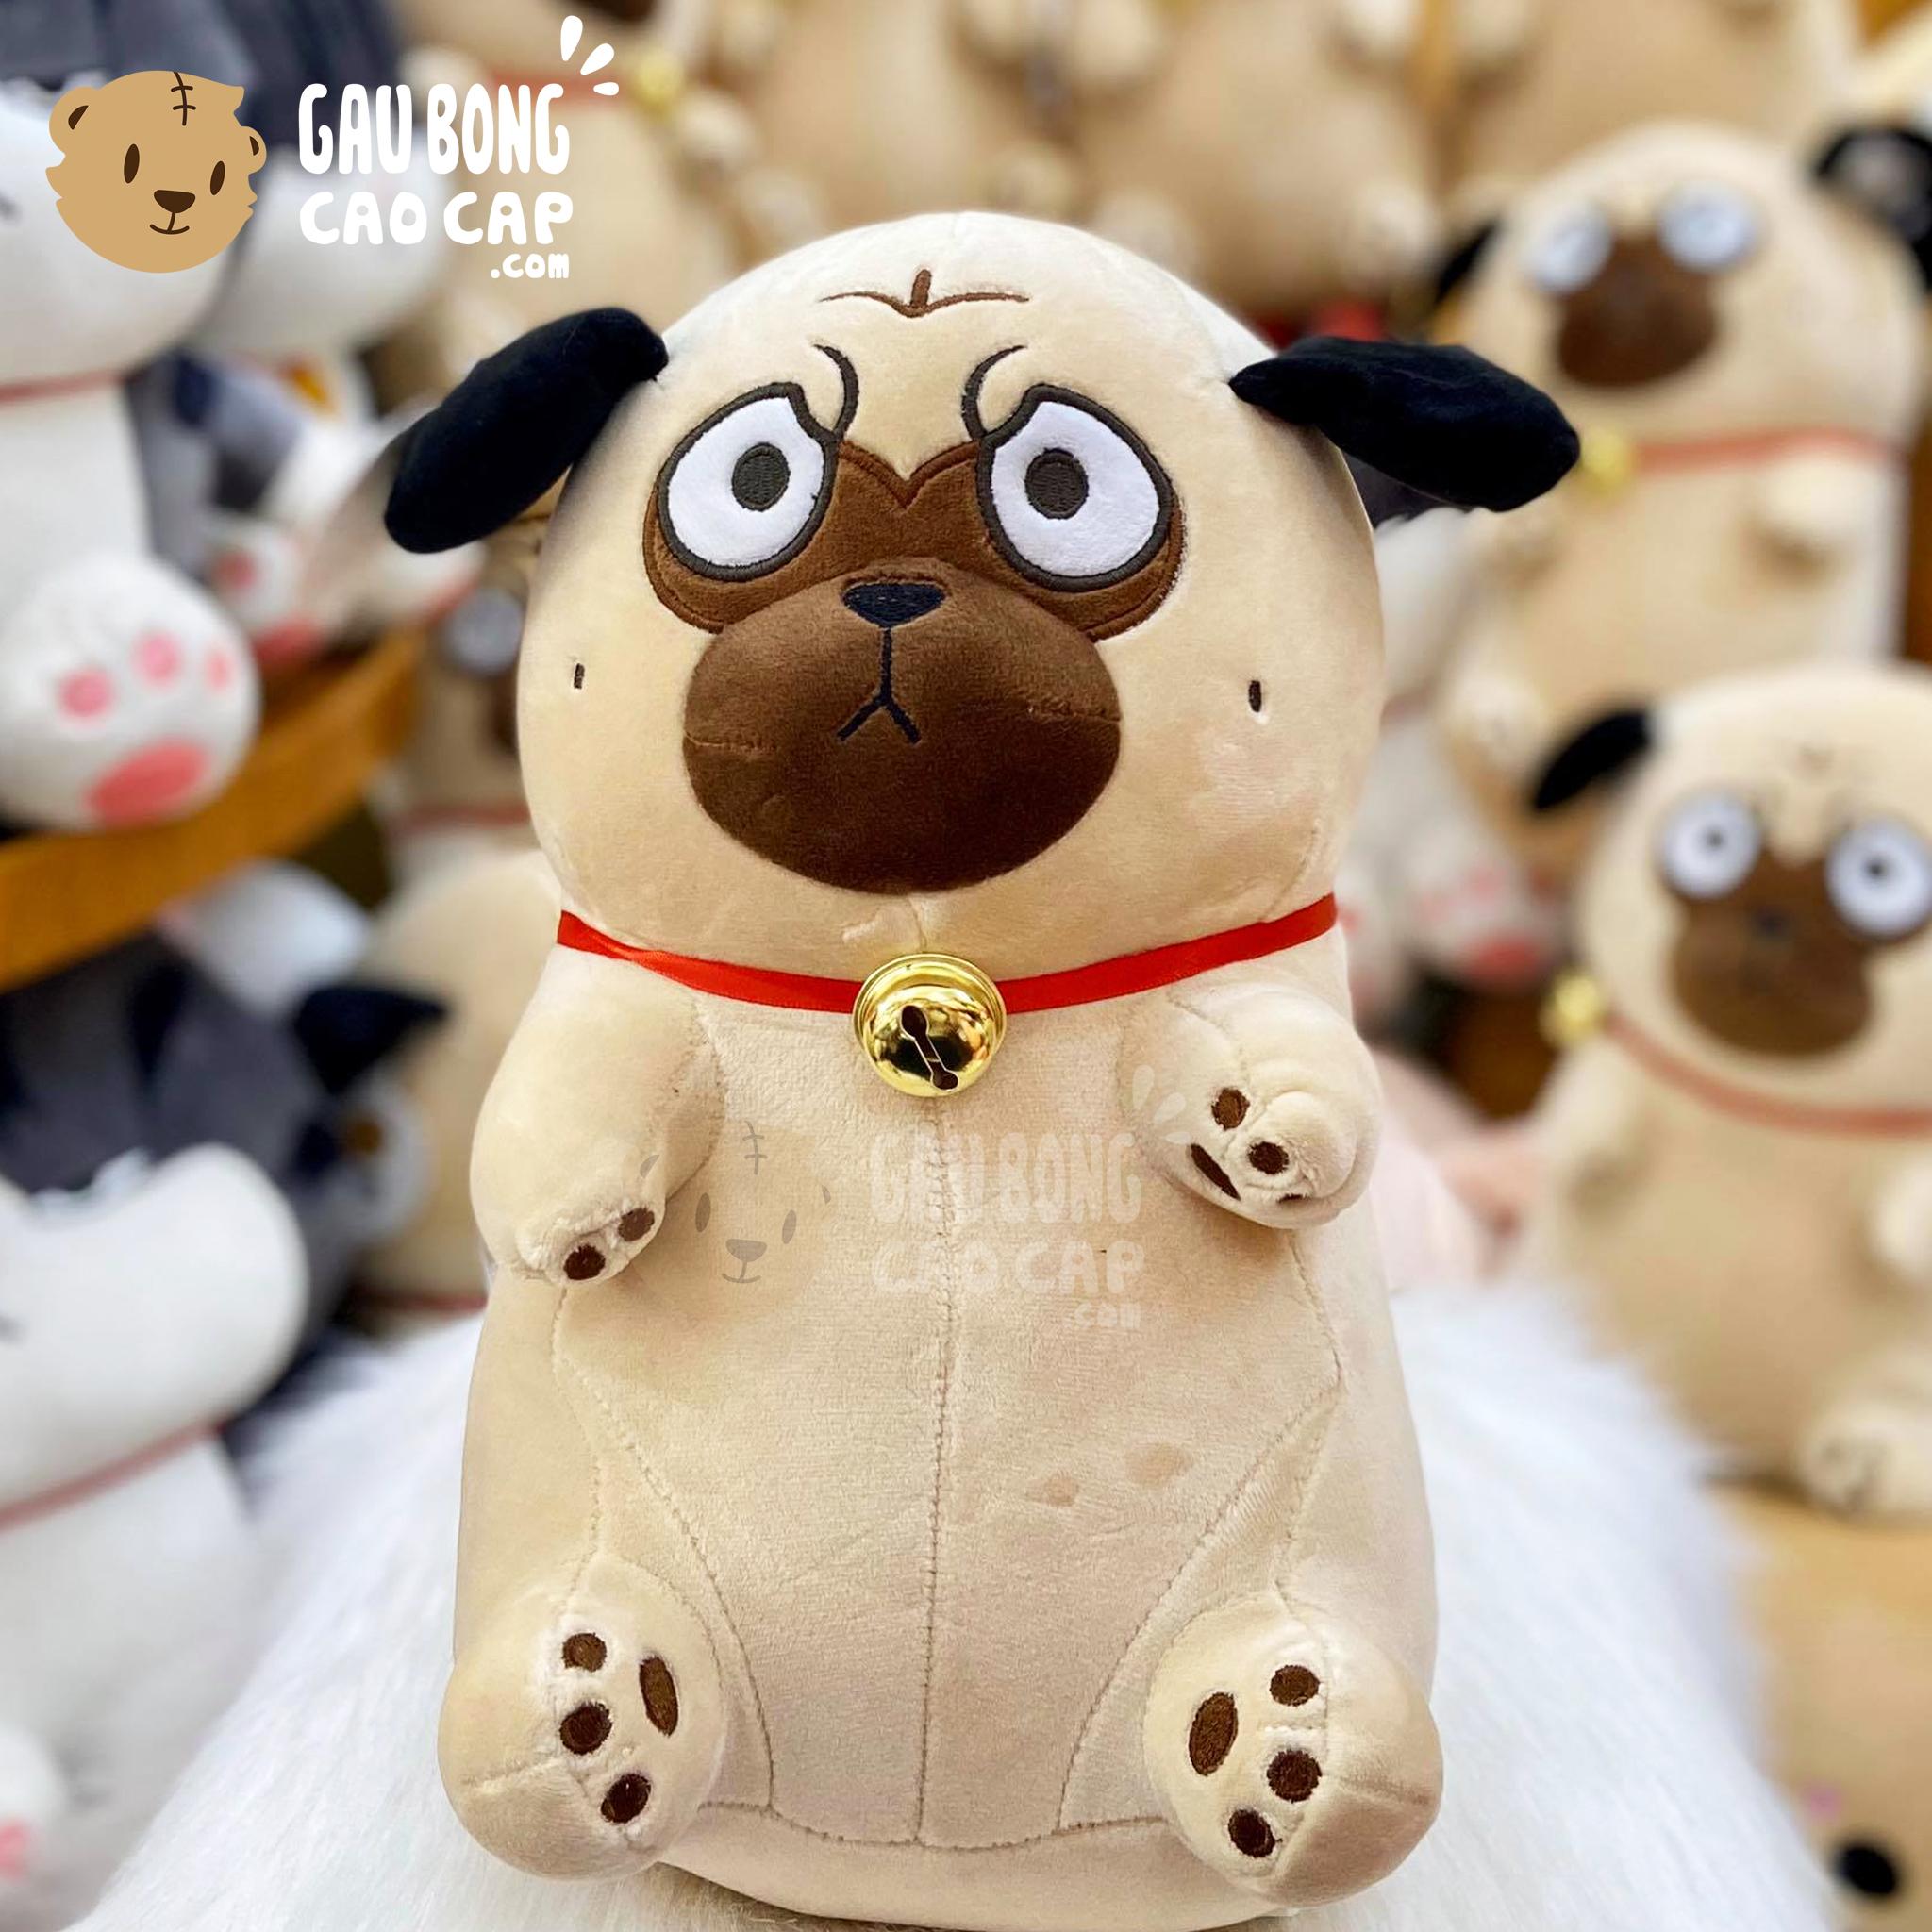 Chó Bông mặt xệ Baby